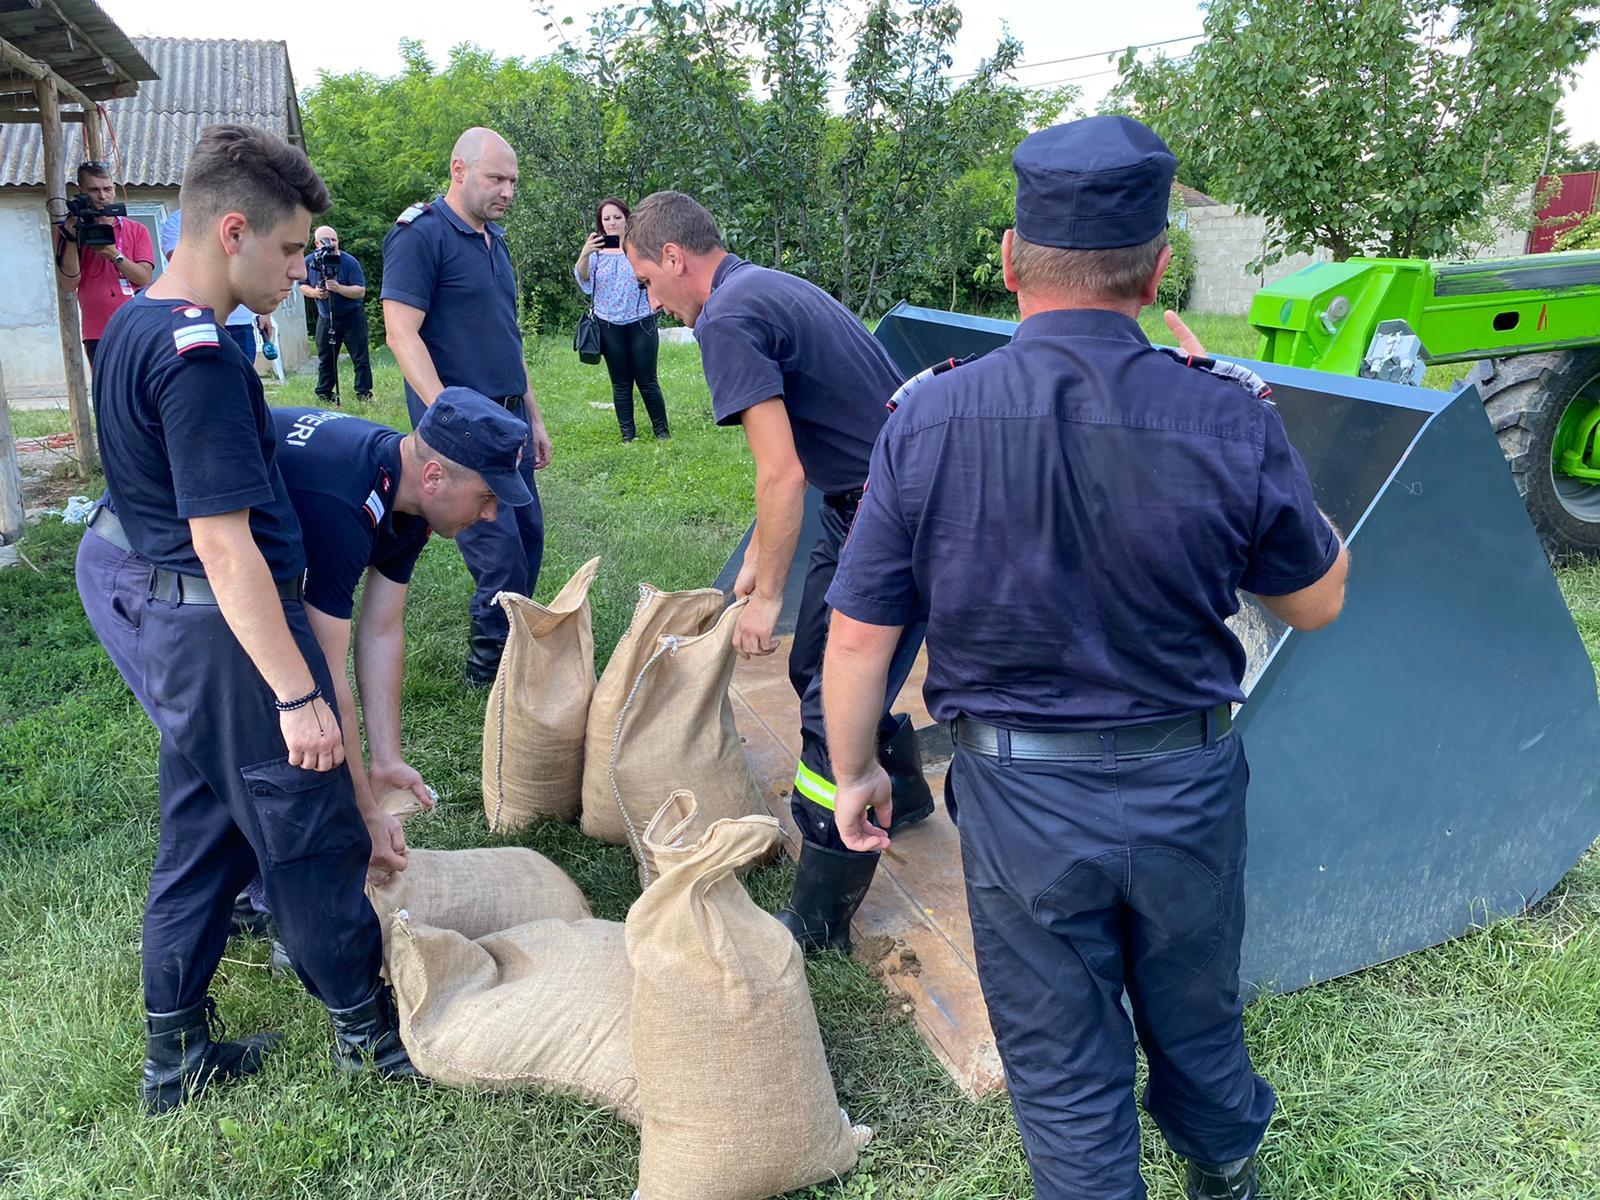 FOTO/ Peste 100 de pompieri militari și voluntari au intervenit în sprijinul populației afectate de inundații cauzate fie de creșterea nivelului râului Prut